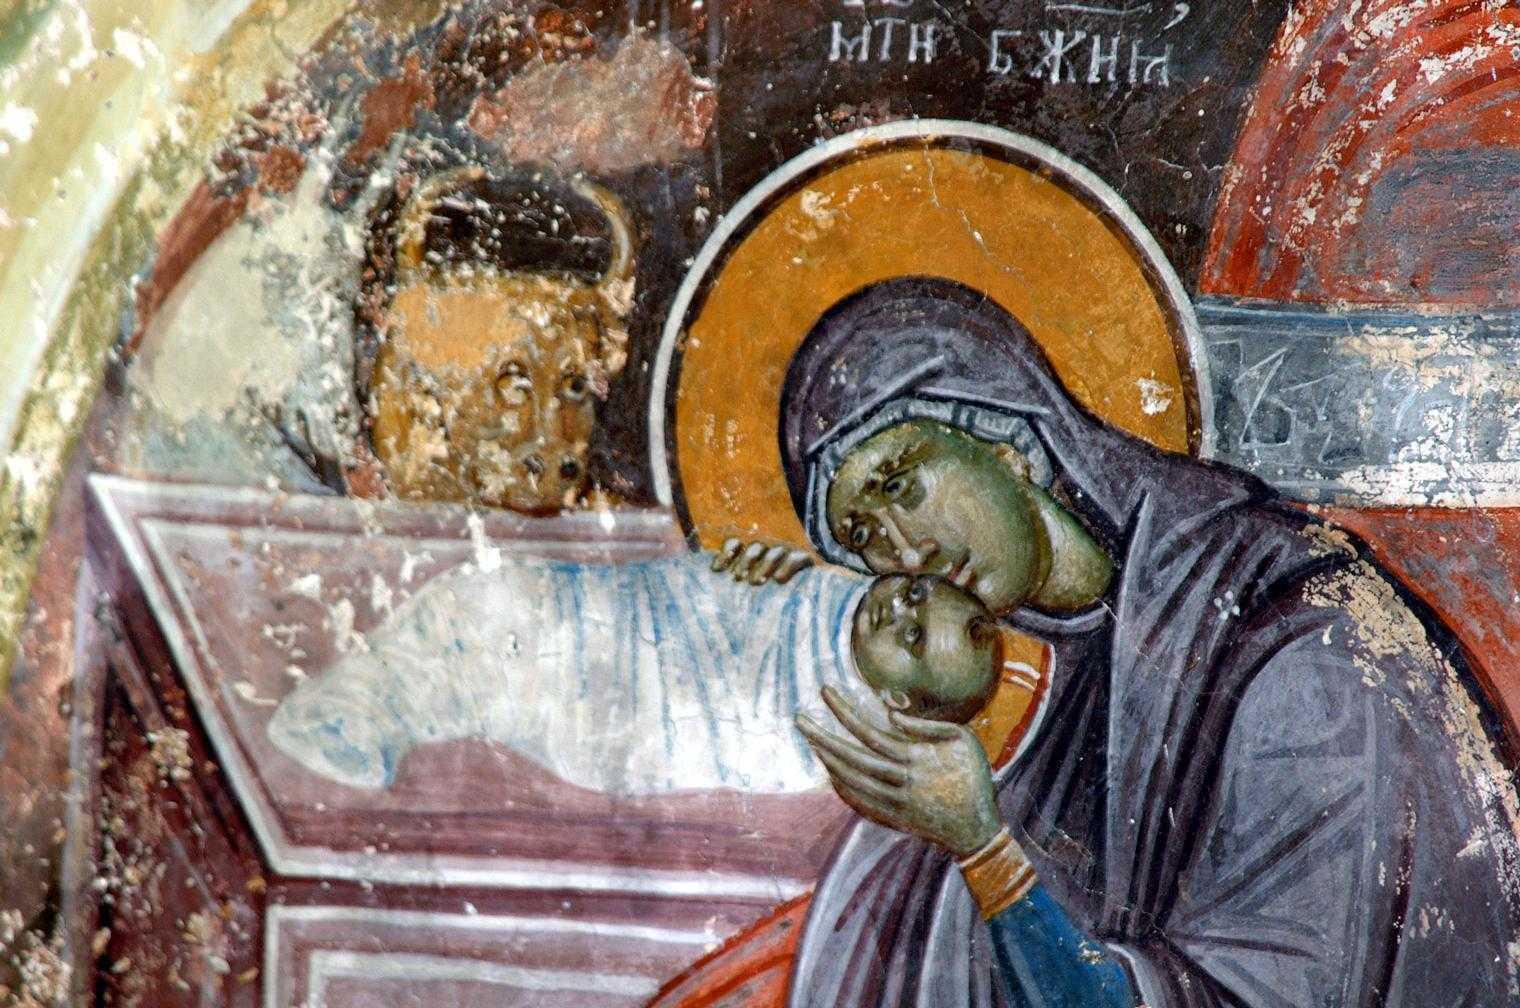 <i>&#8220;CE AI CU NOI, IISUSE?&#8221;</i> &#8211; SEMNUL PRUNCULUI NEAJUTORAT și DURERILE BUCUROASE ALE NAȘTERII DE SUS. Cum să ne pregătim de primirea Lui, cum să așteptăm Nașterea Domnului? <i>Ce Crăciun va sărbători cineva când nu este în rânduială, când sufletul lui nu se odihnește în Dumnezeu?&#8221;</i>